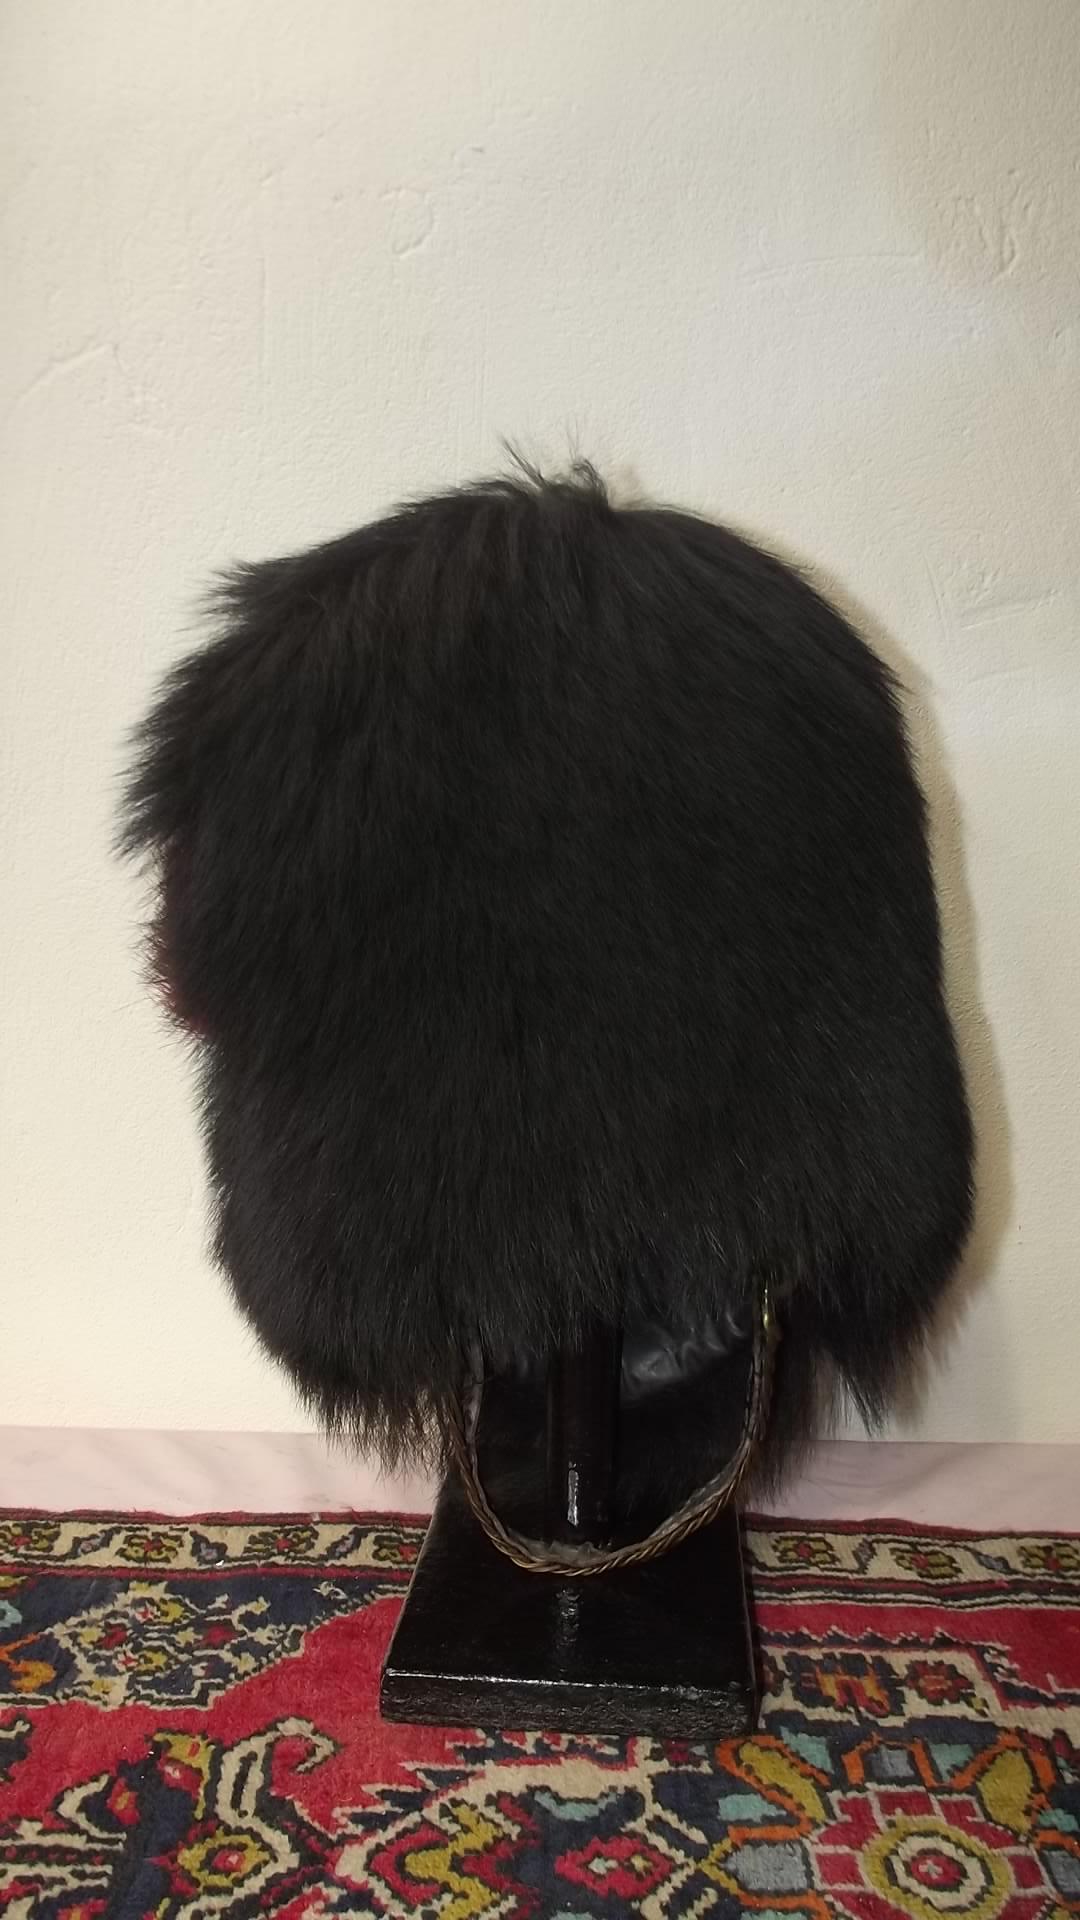 bear skin hat coldstream guards vintage for sale antiques com